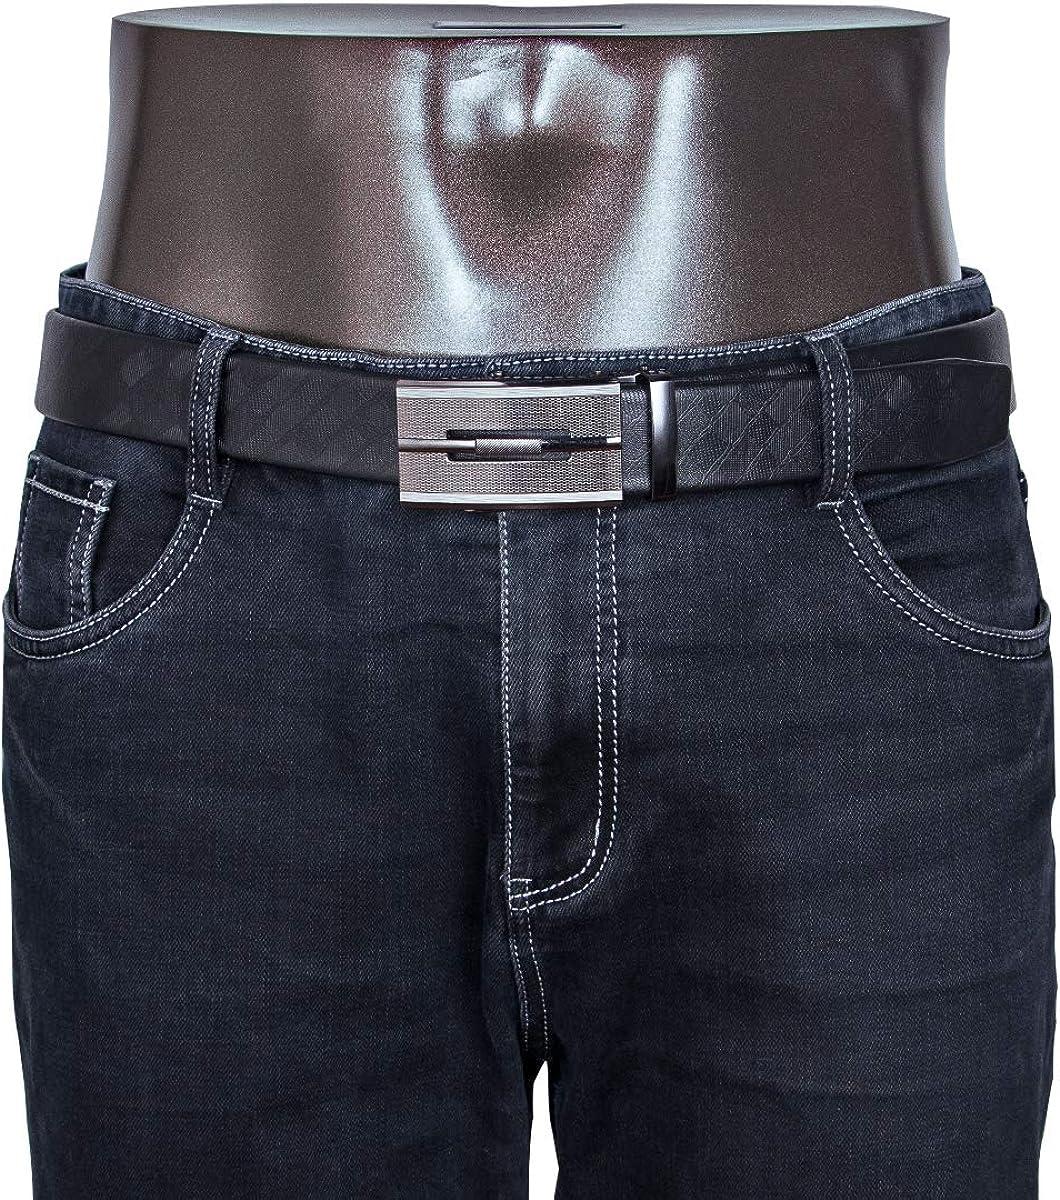 Barry.Wang Cinturones de dise/ño para hombres sin n/íquel hebilla autom/ática de aleaci/ón de cuero genuino correa formal ajustable